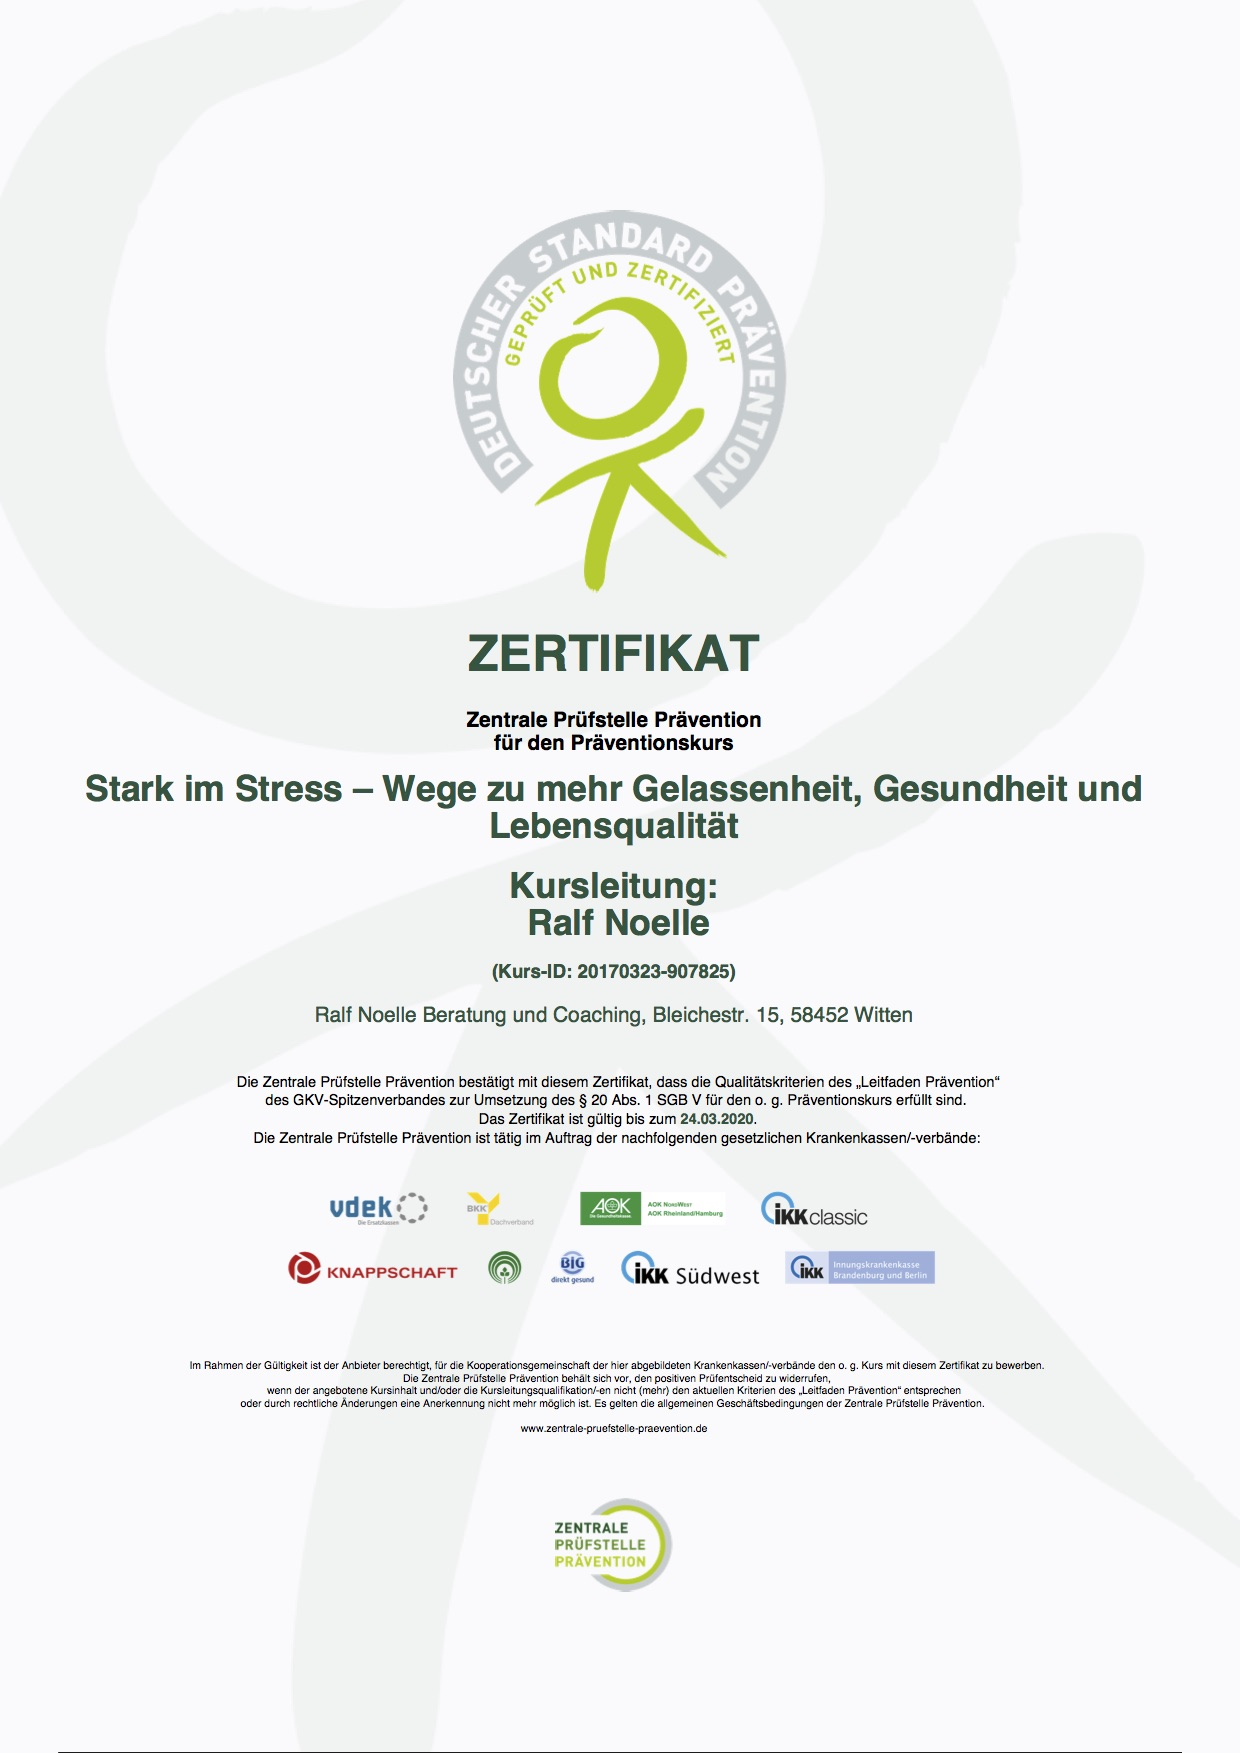 Zertifikat des Seminars -  Stark im Stress